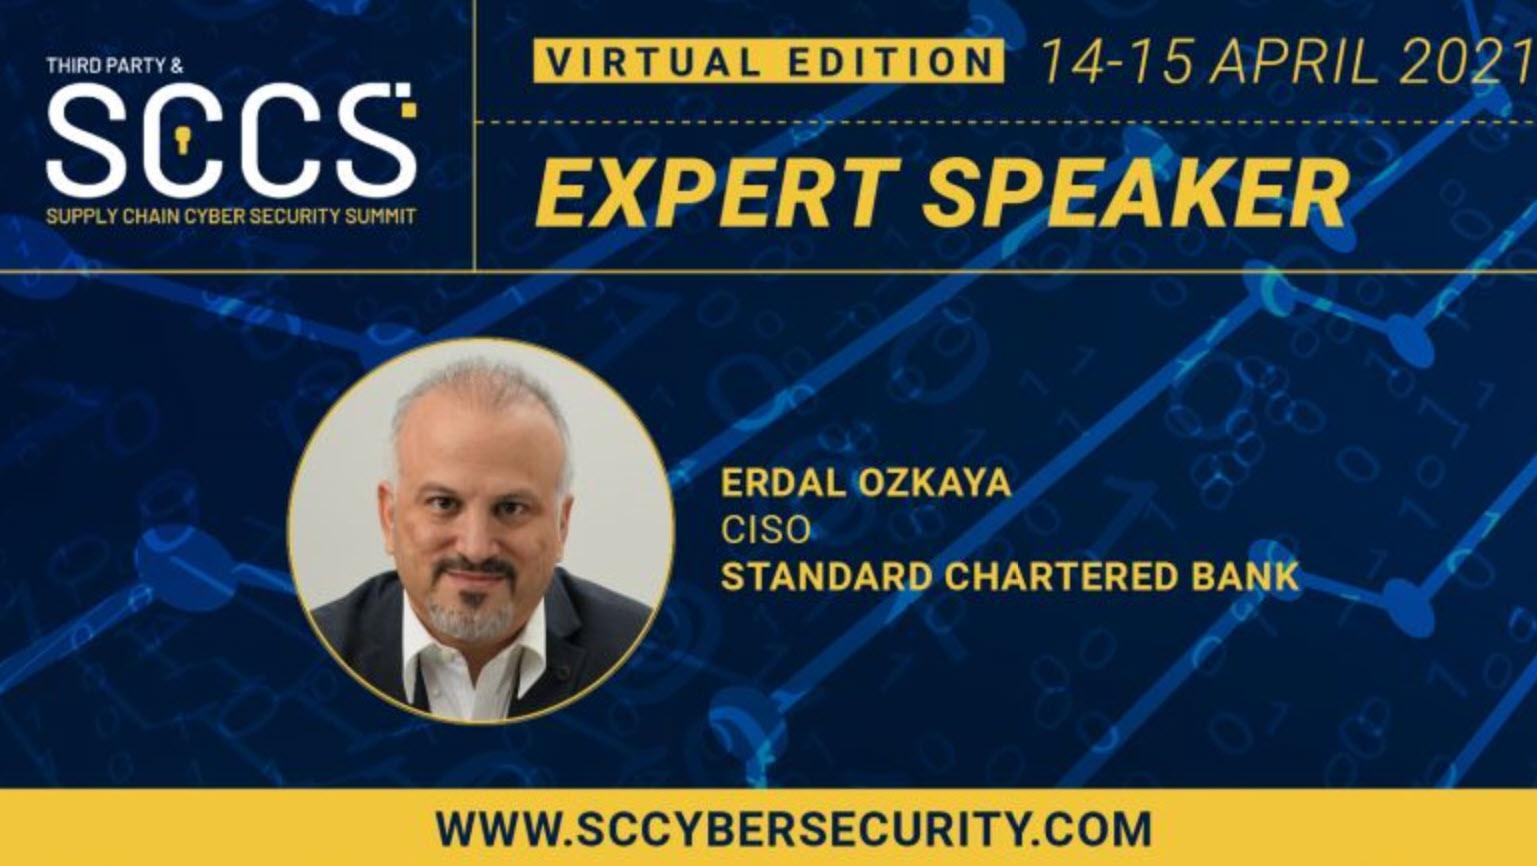 Expert Speaker Dr Erdal Ozkaya